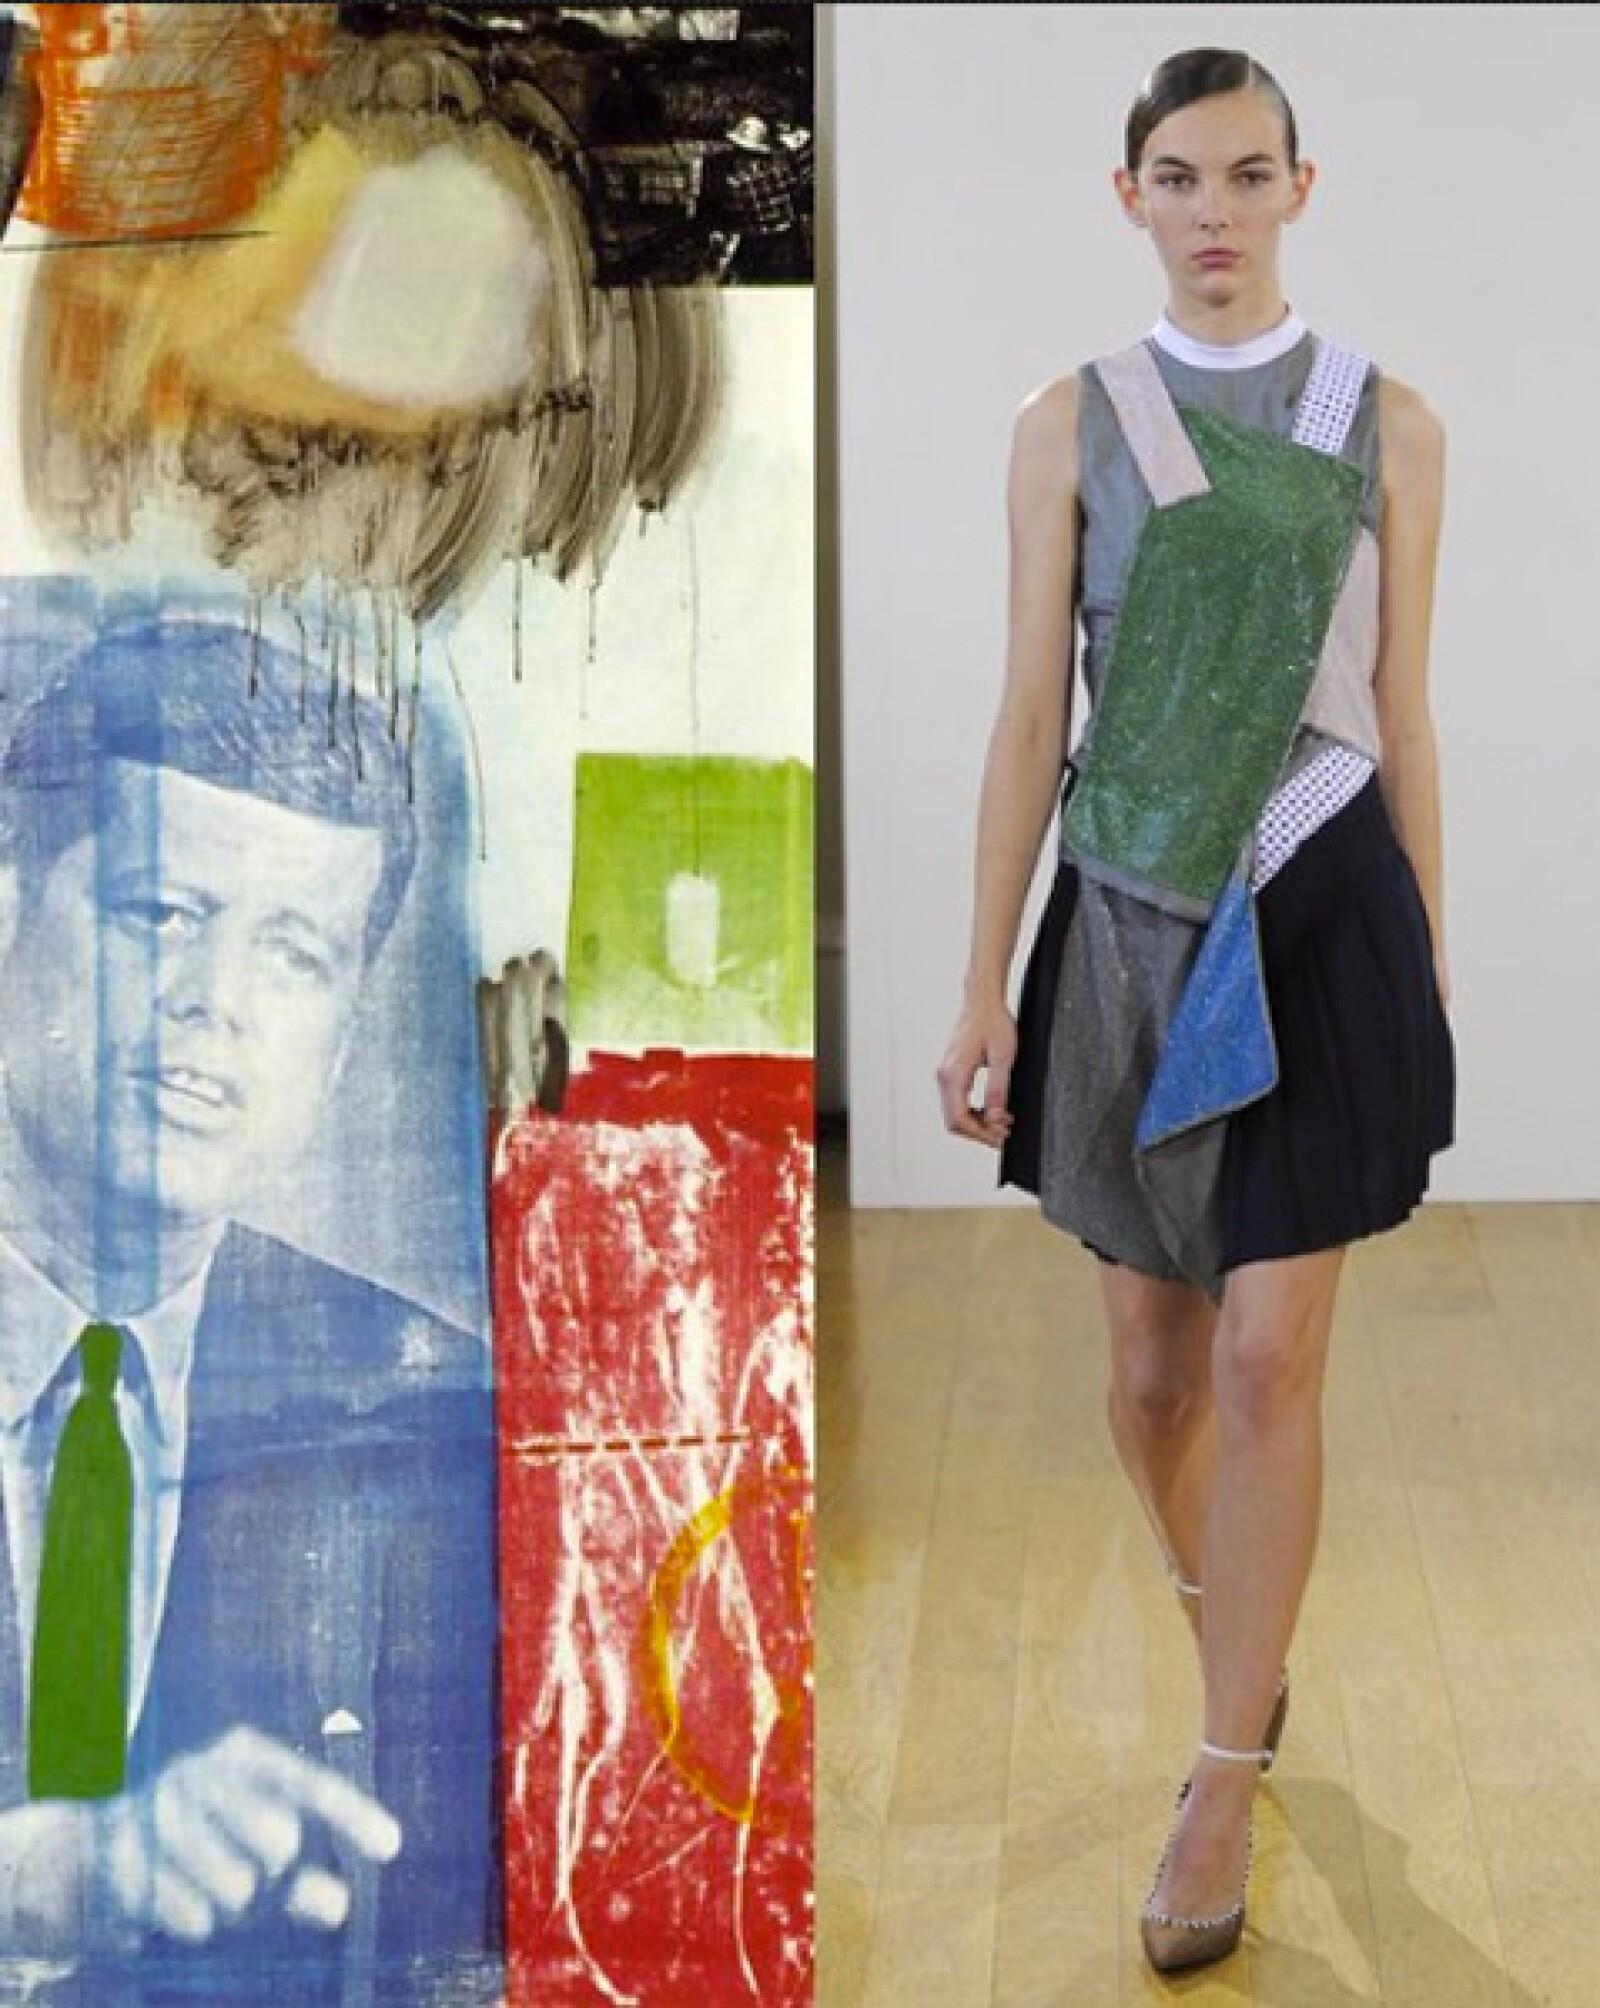 El estilo collage de las obras de Robert Rauschenberg inspiraron al creativo J.W. Anderson para la confección de sus siluetas destructuradas.